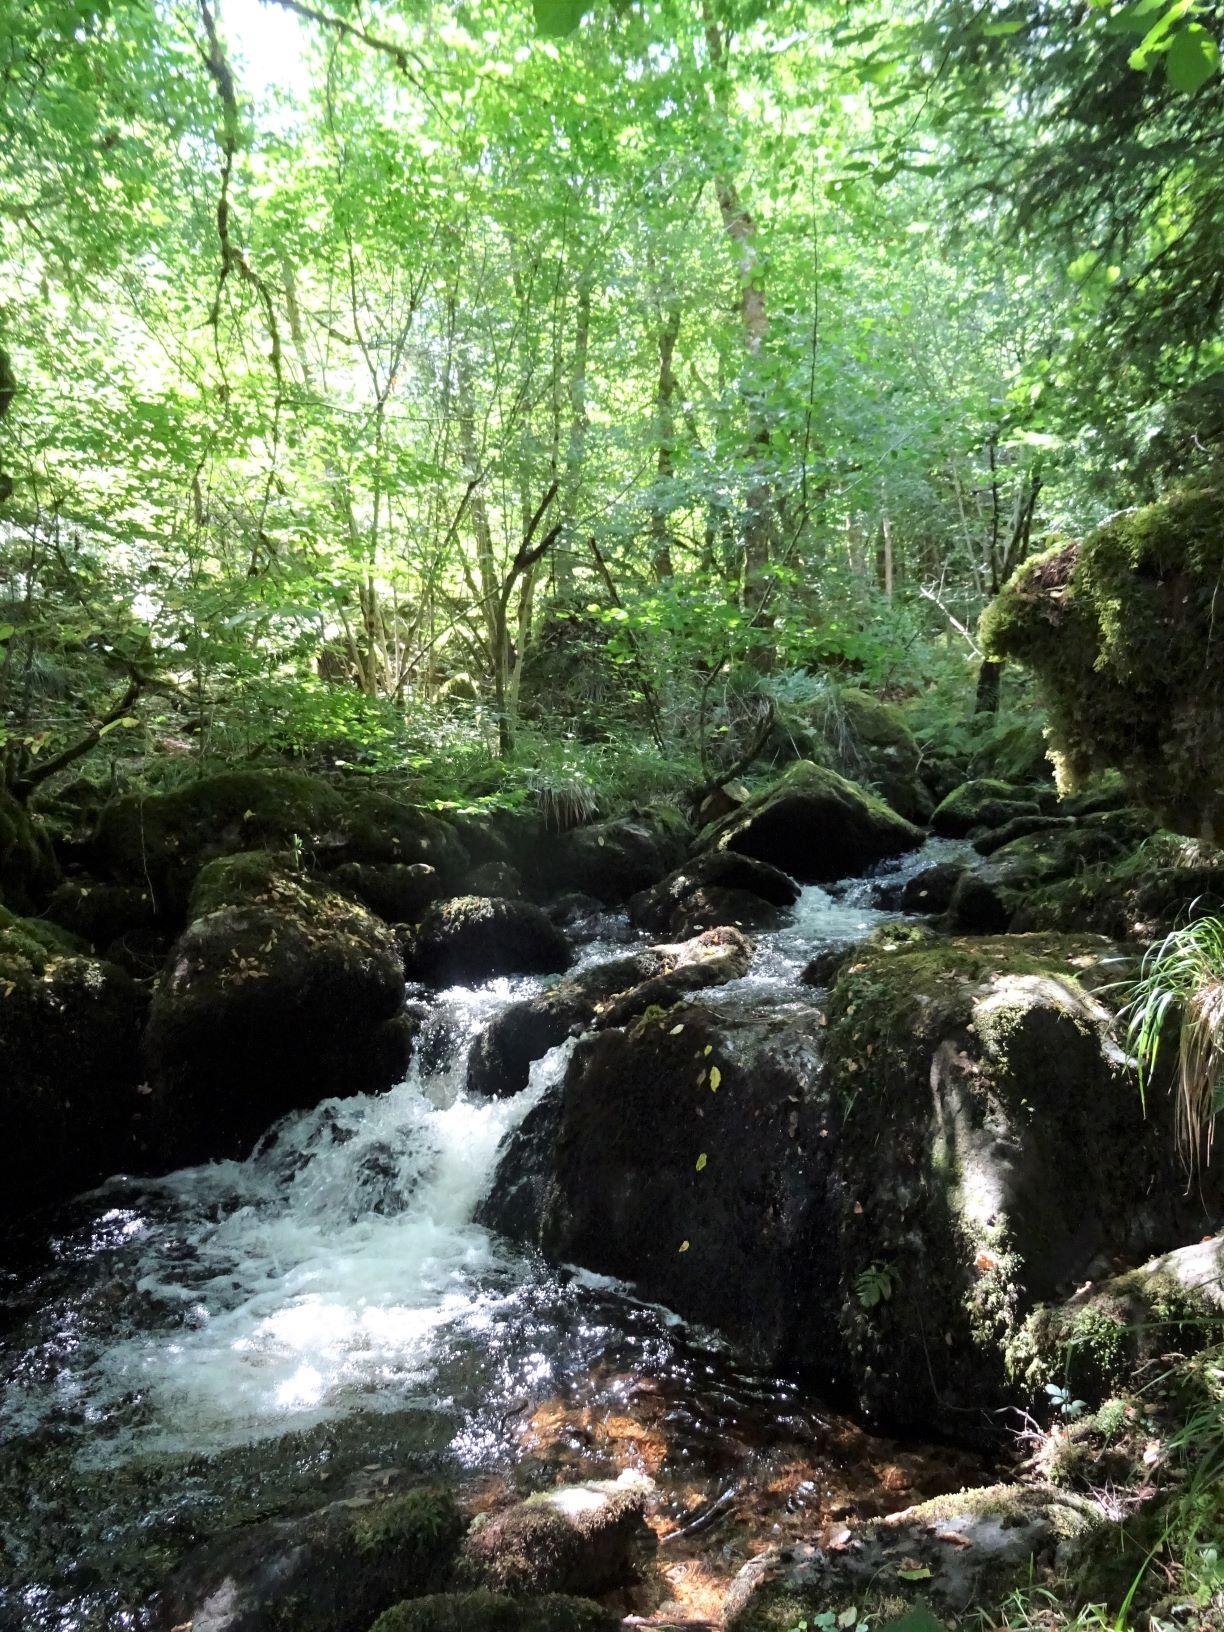 cascade d'eau Gorges de la Canche situé dans le Morvan près de Boisseau